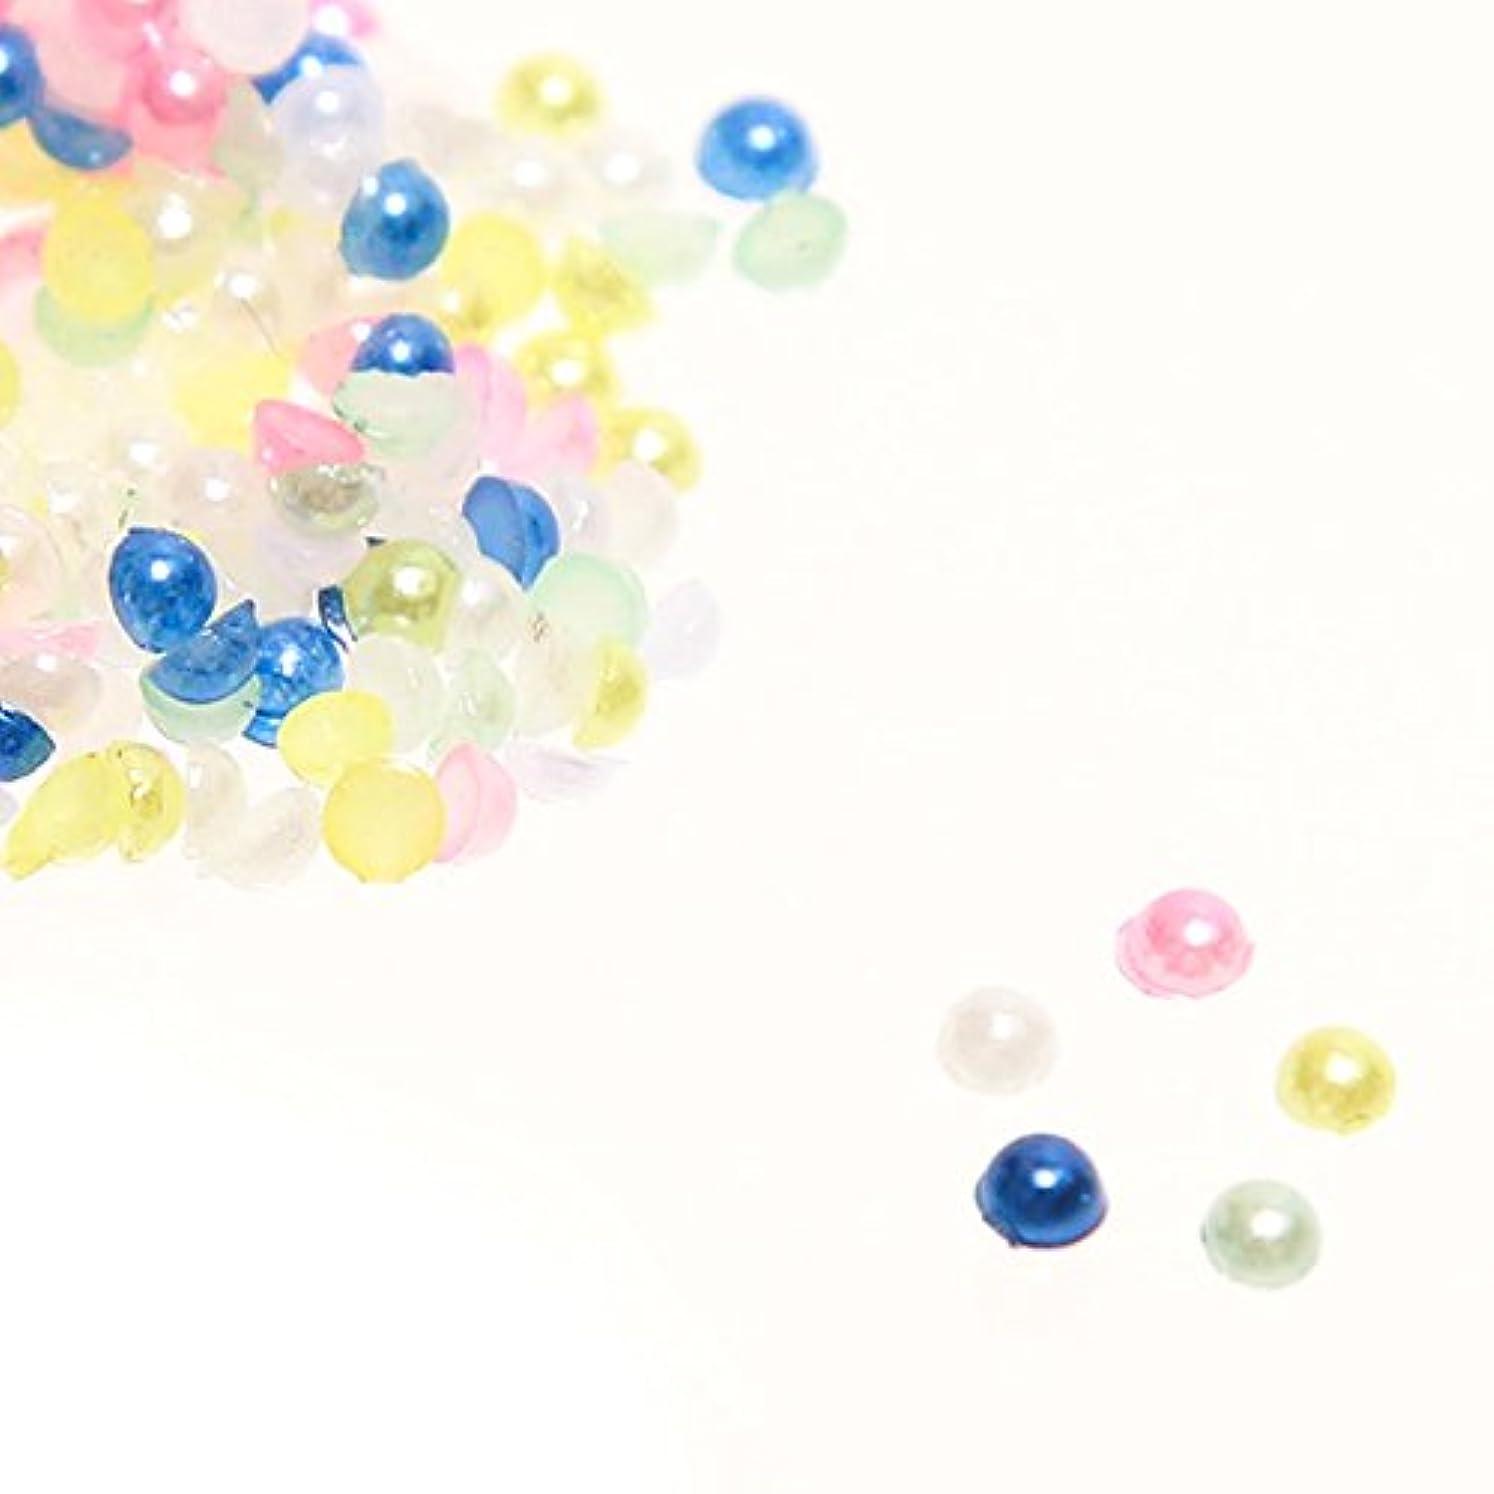 役立つく属性パール 全色ミックス マルポコ パールストーン 半球 (サイズ選択可能)【ラインストーン77】 (2mm(1600粒))